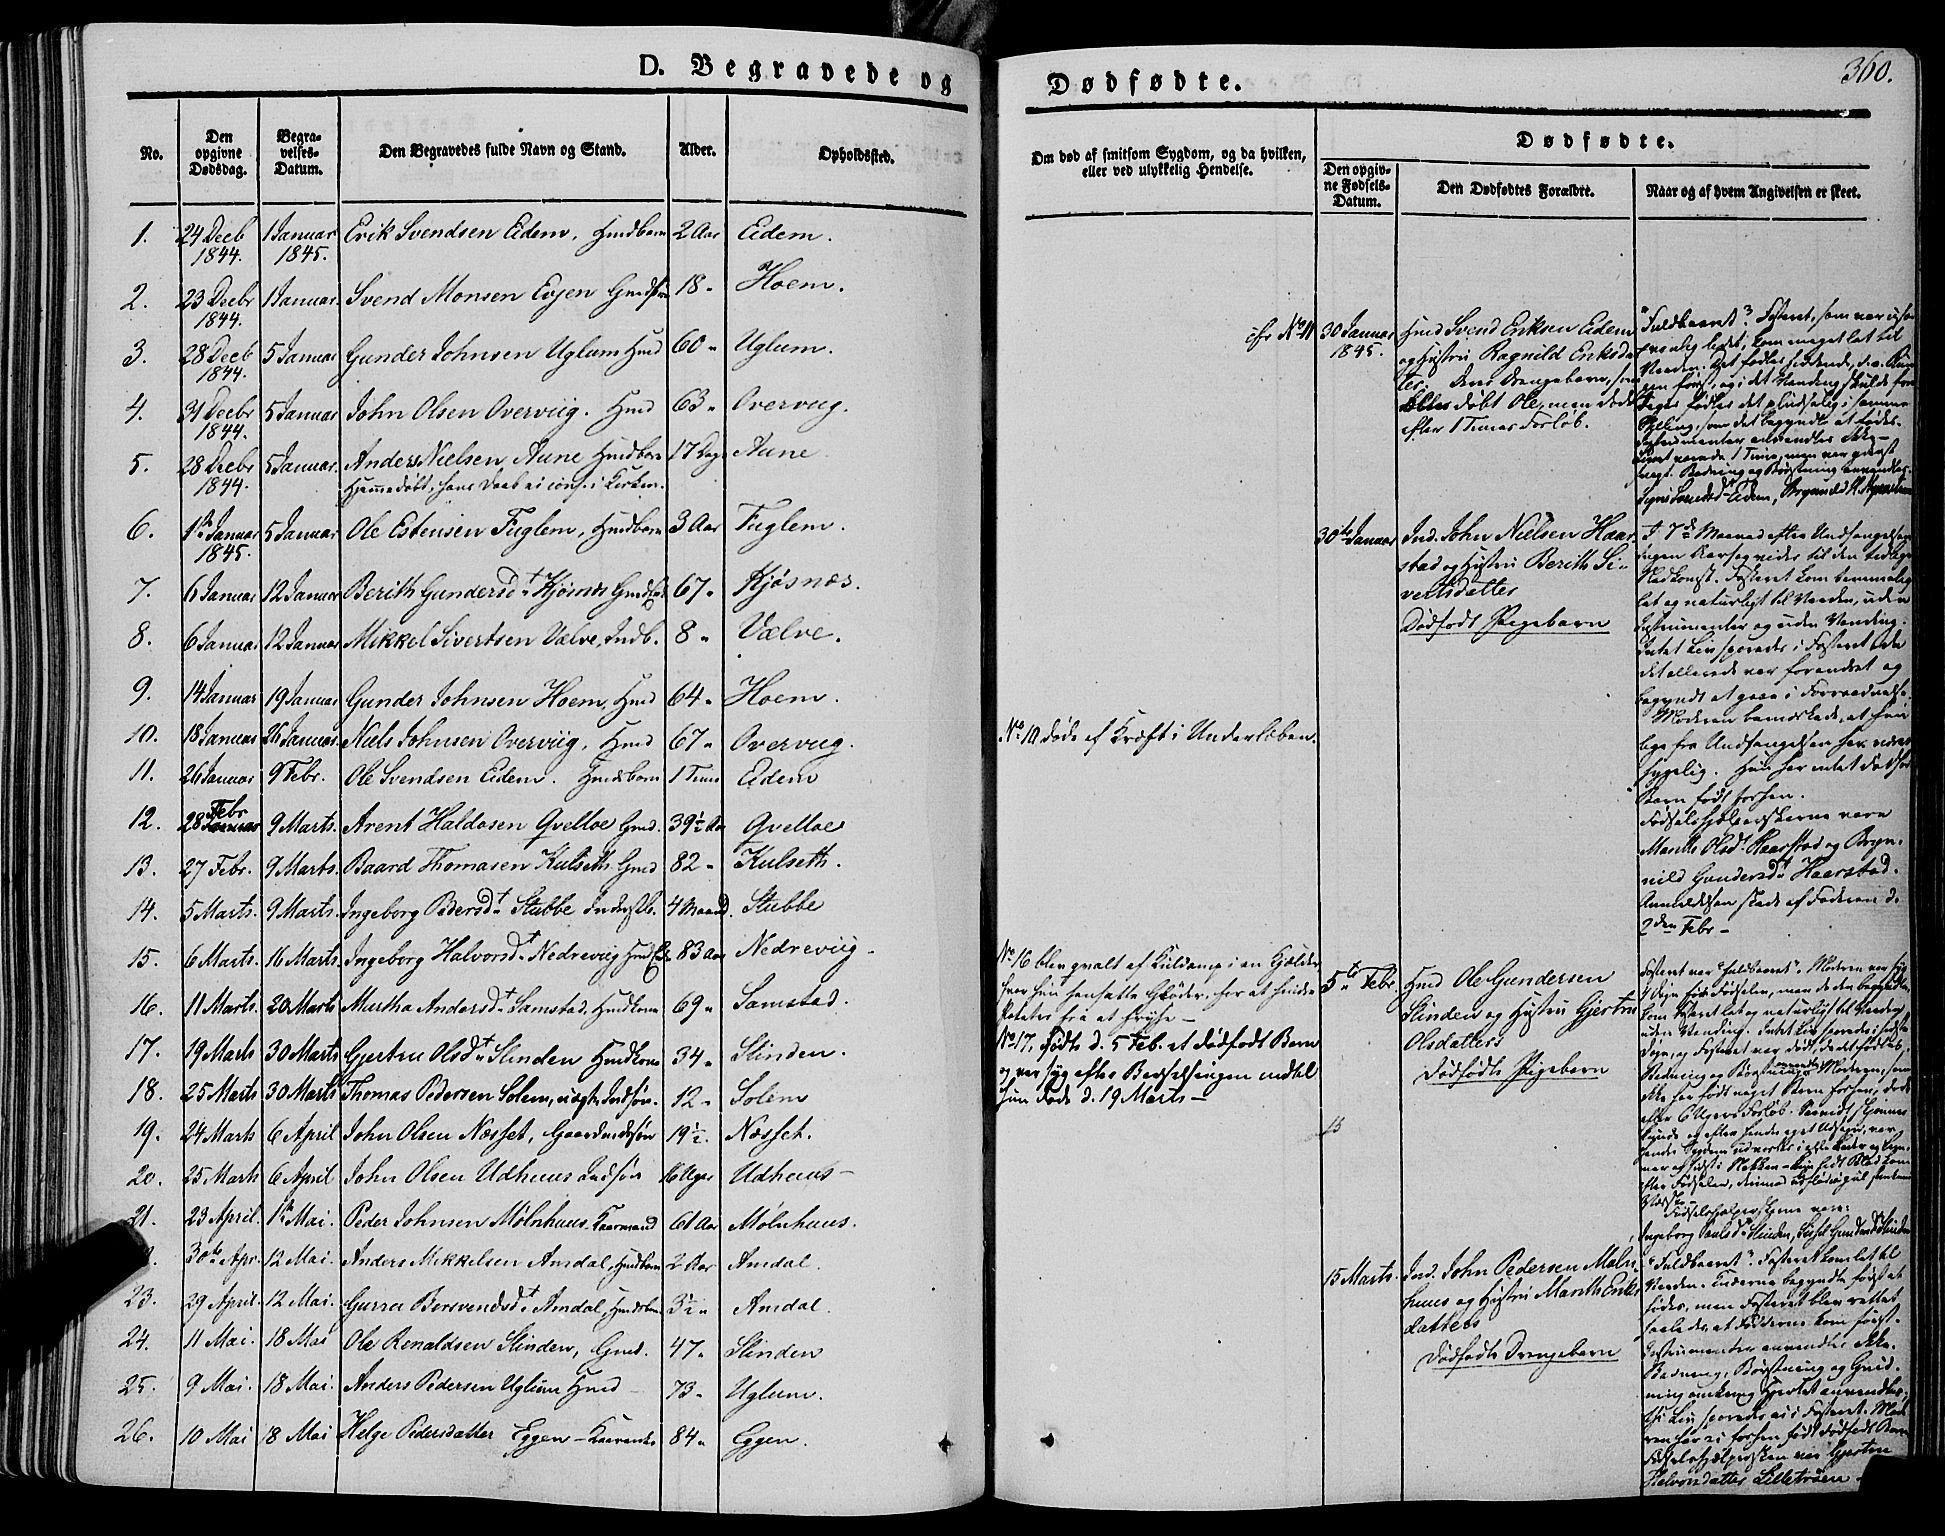 SAT, Ministerialprotokoller, klokkerbøker og fødselsregistre - Sør-Trøndelag, 695/L1145: Ministerialbok nr. 695A06 /1, 1843-1859, s. 360